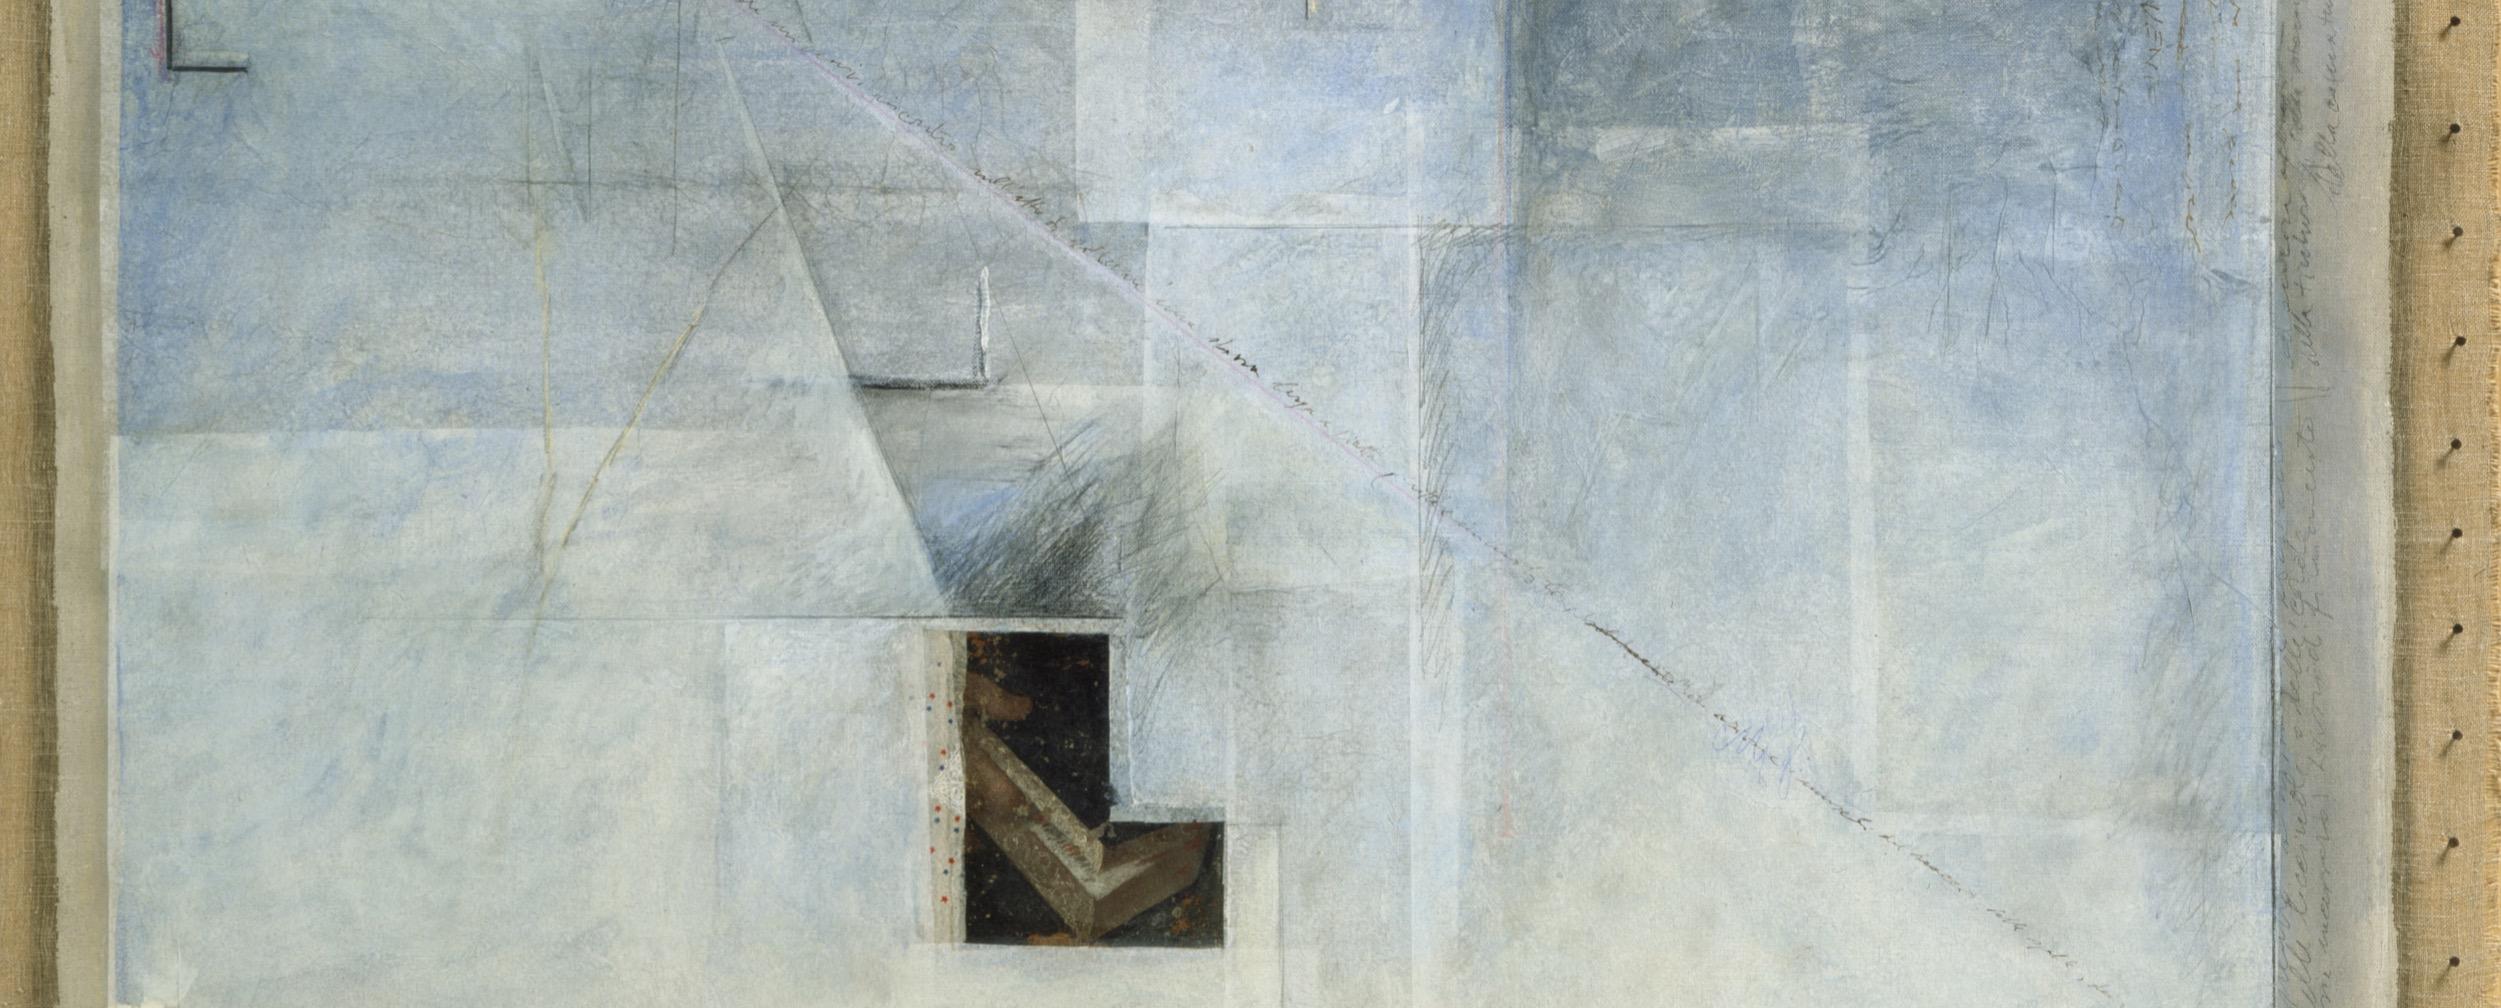 collezione Ferretti 1987 cm 120x160_5000